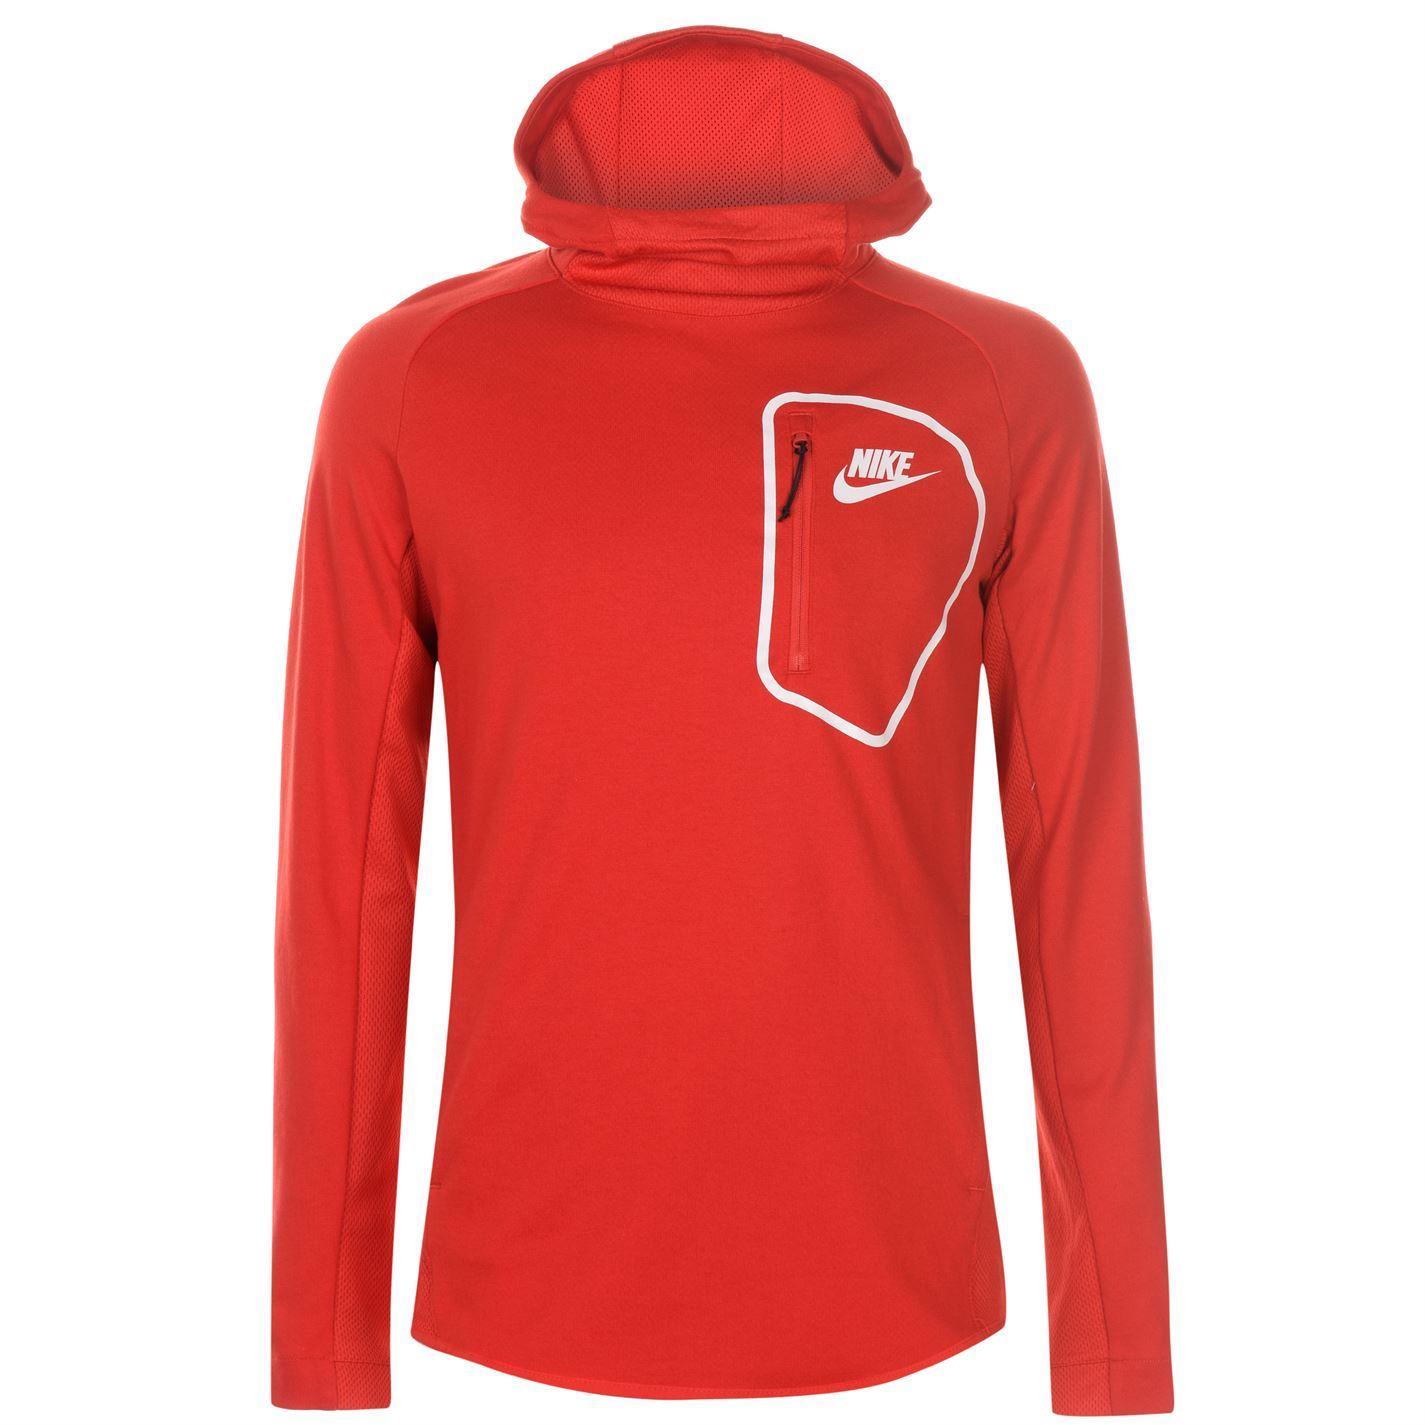 Nike-AV15-Fleece-Pullover-Hoody-Mens-OTH-Hoodie-Sweatshirt-Sweater-Hooded-Top thumbnail 3